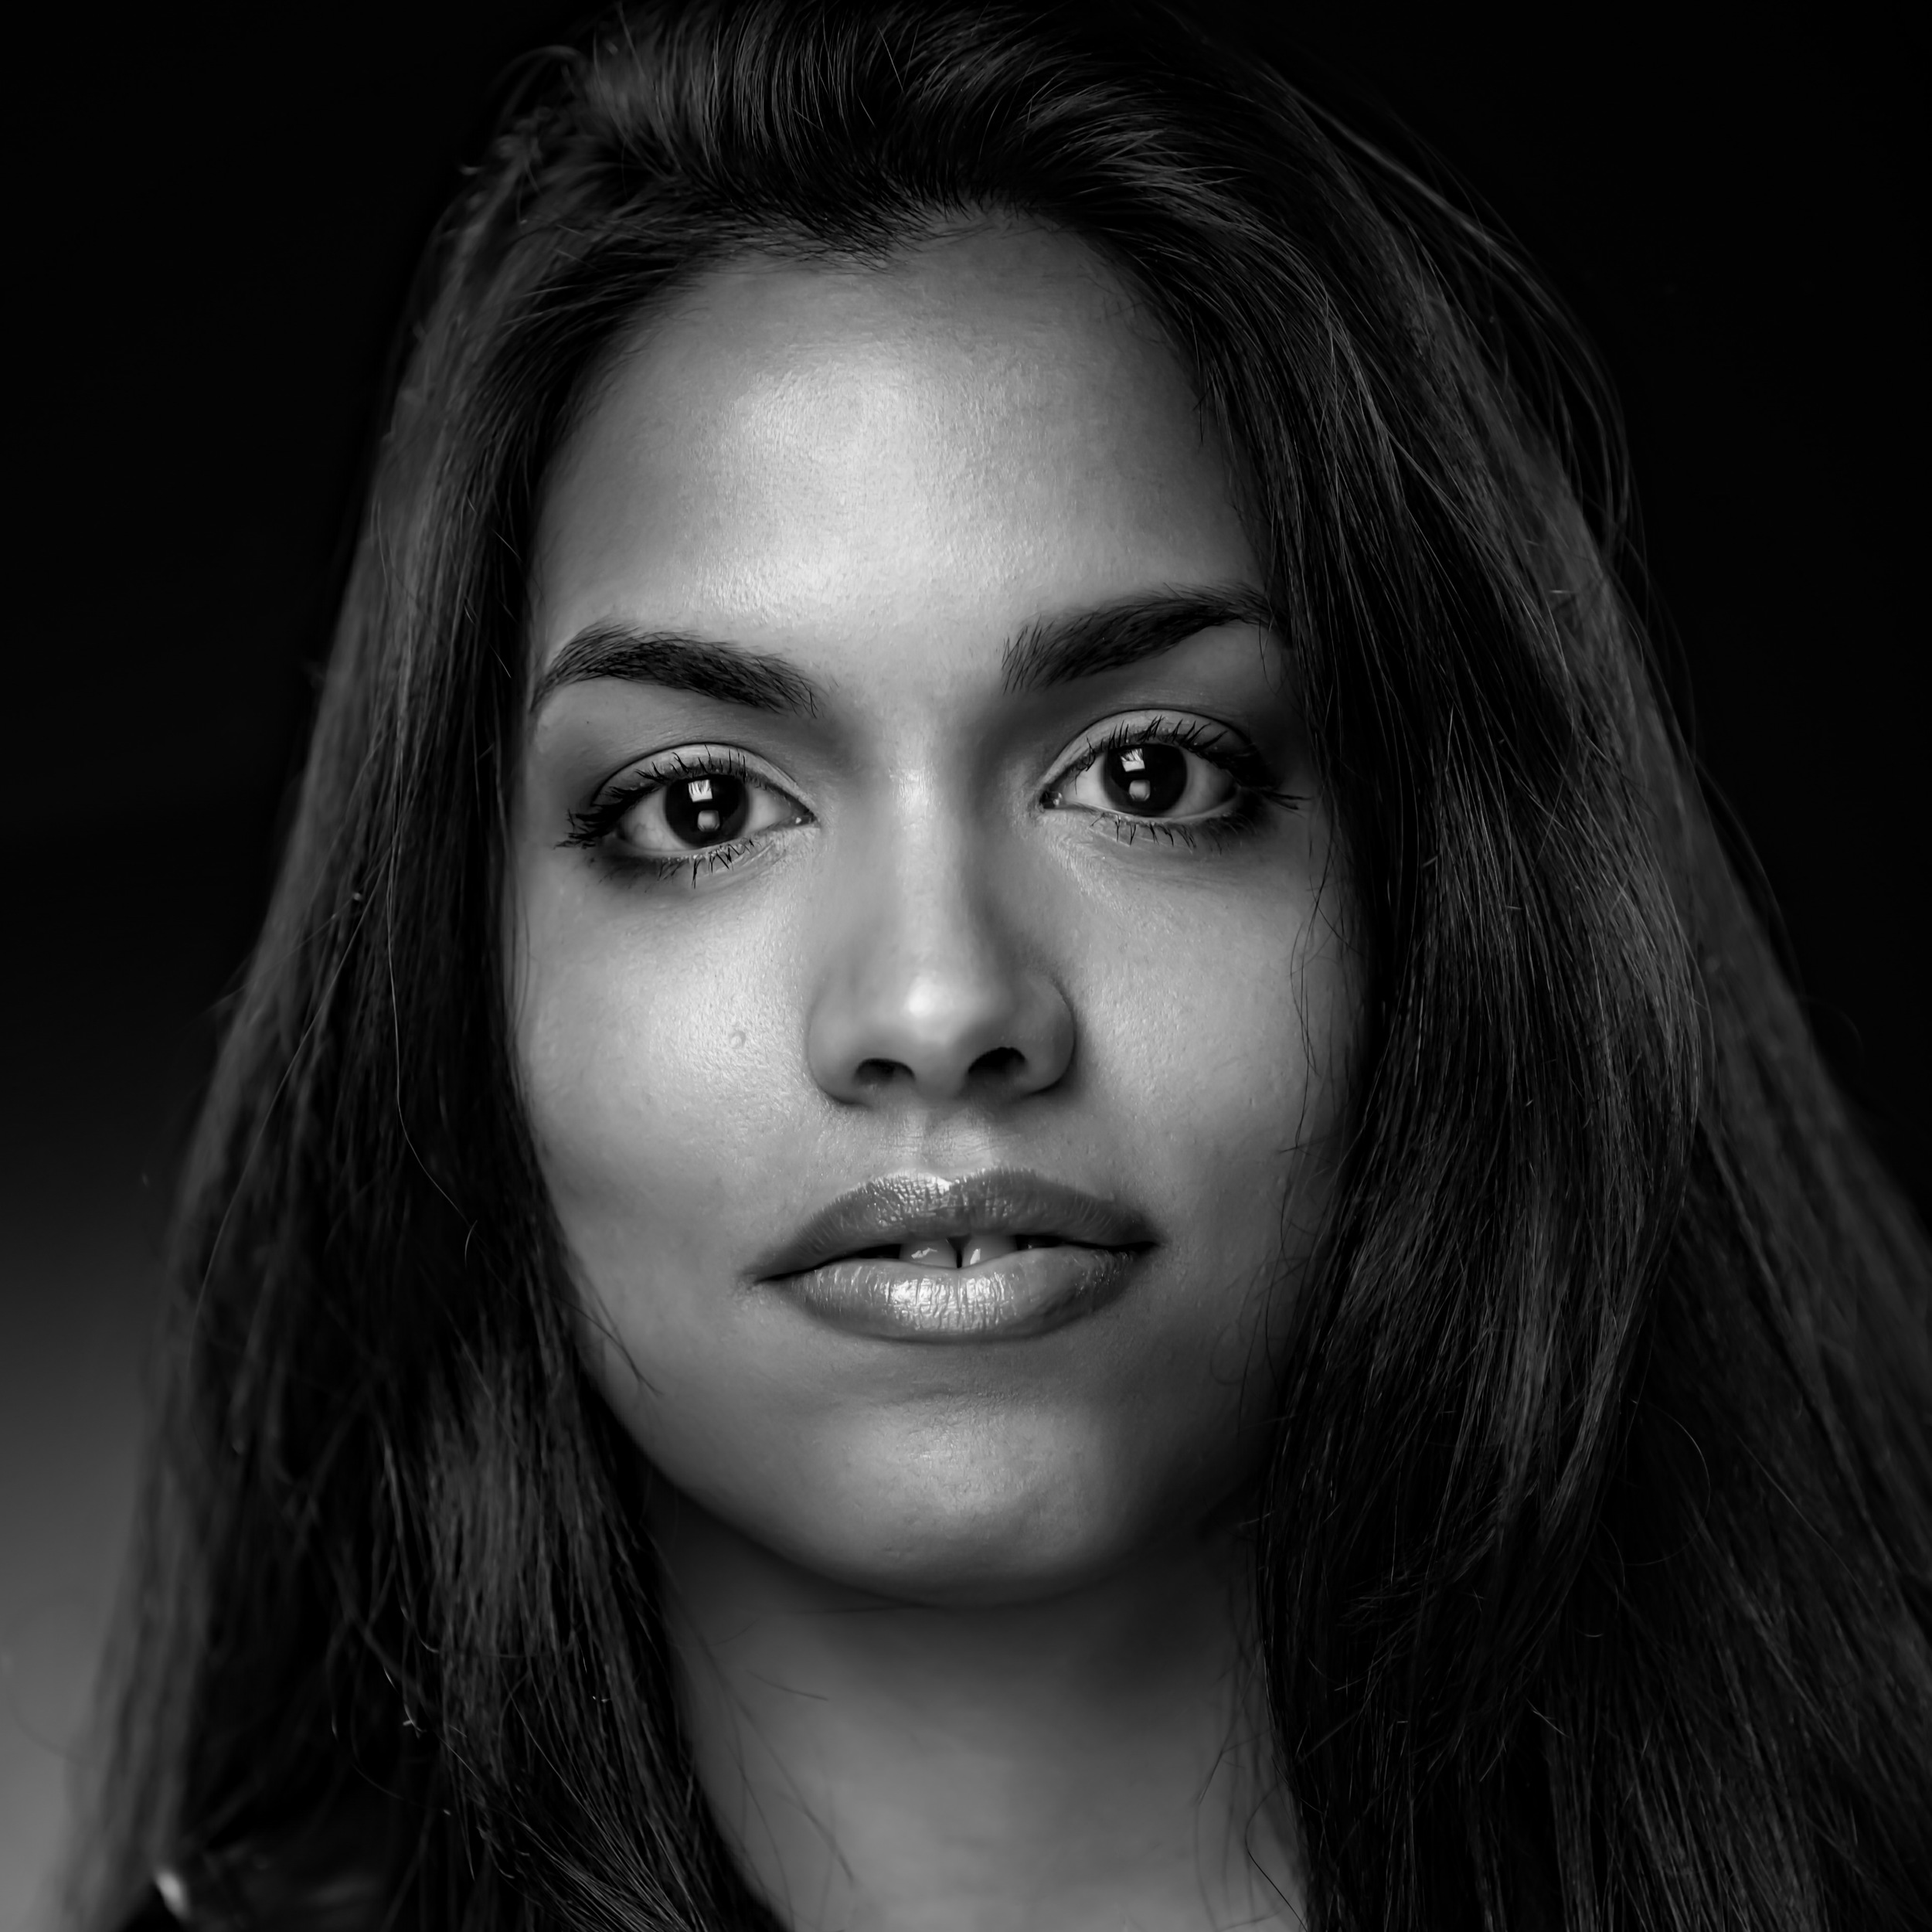 Amira - Roshni O'Riordan